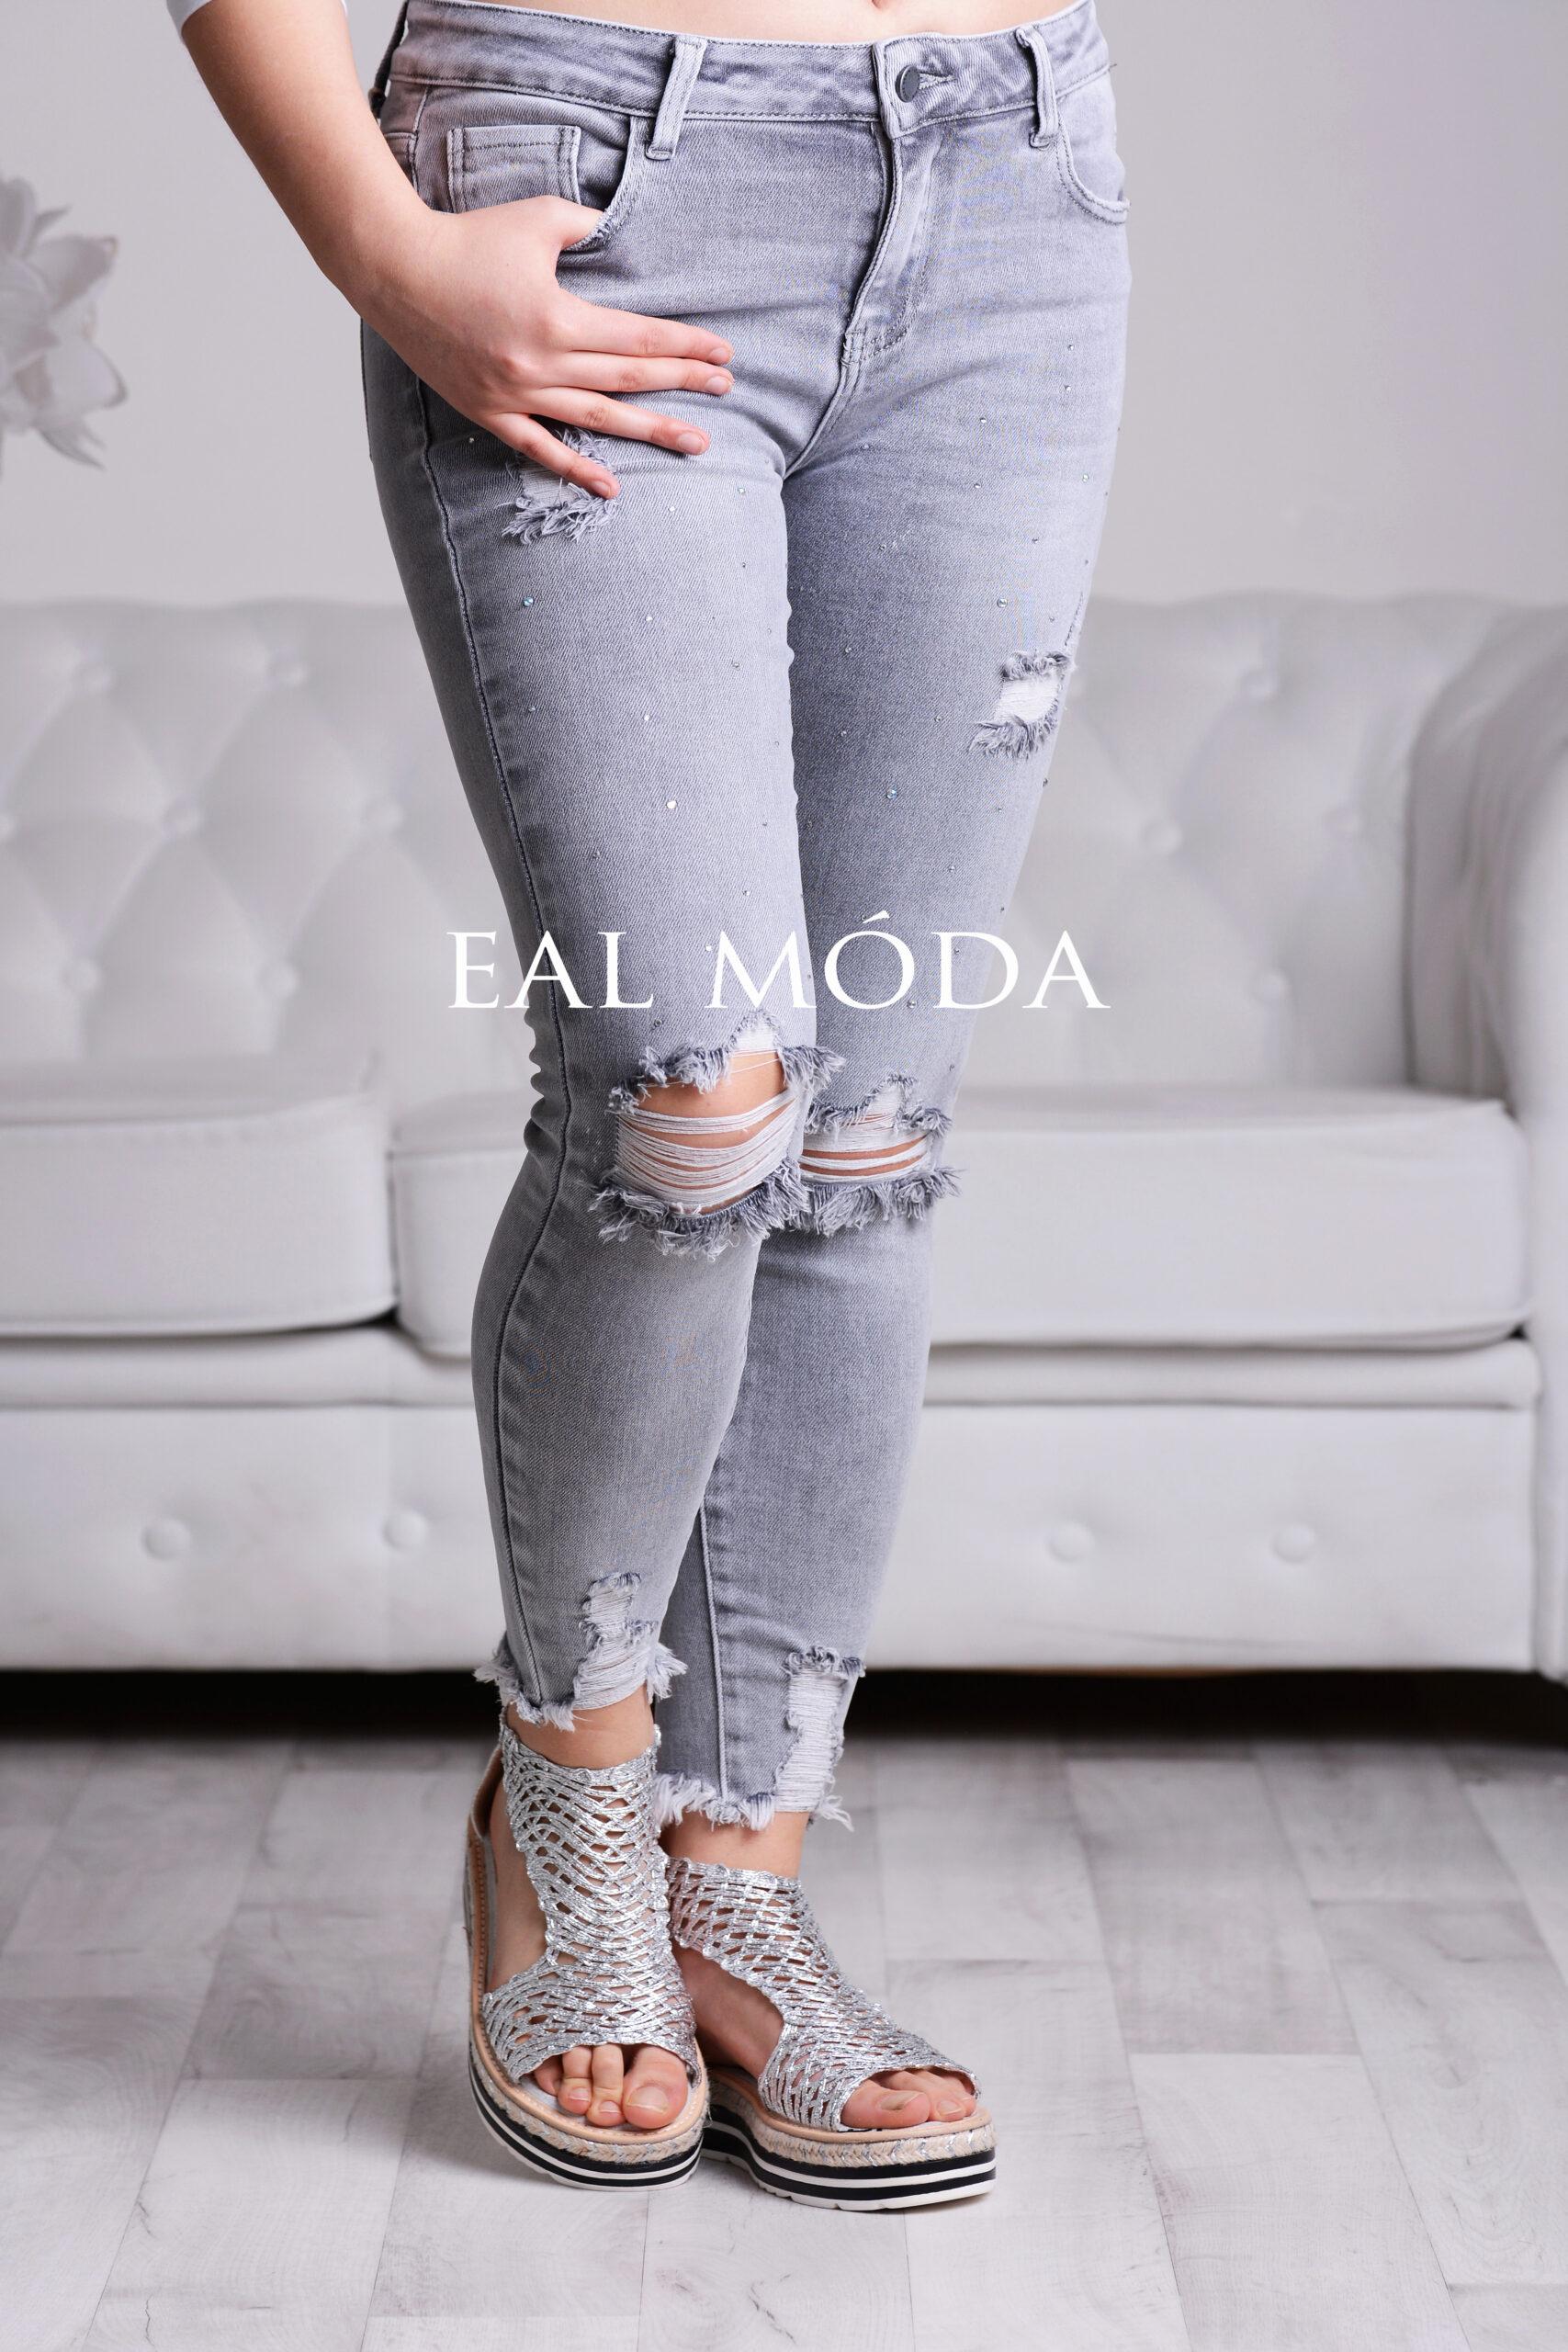 Šedé jeans s kamínky